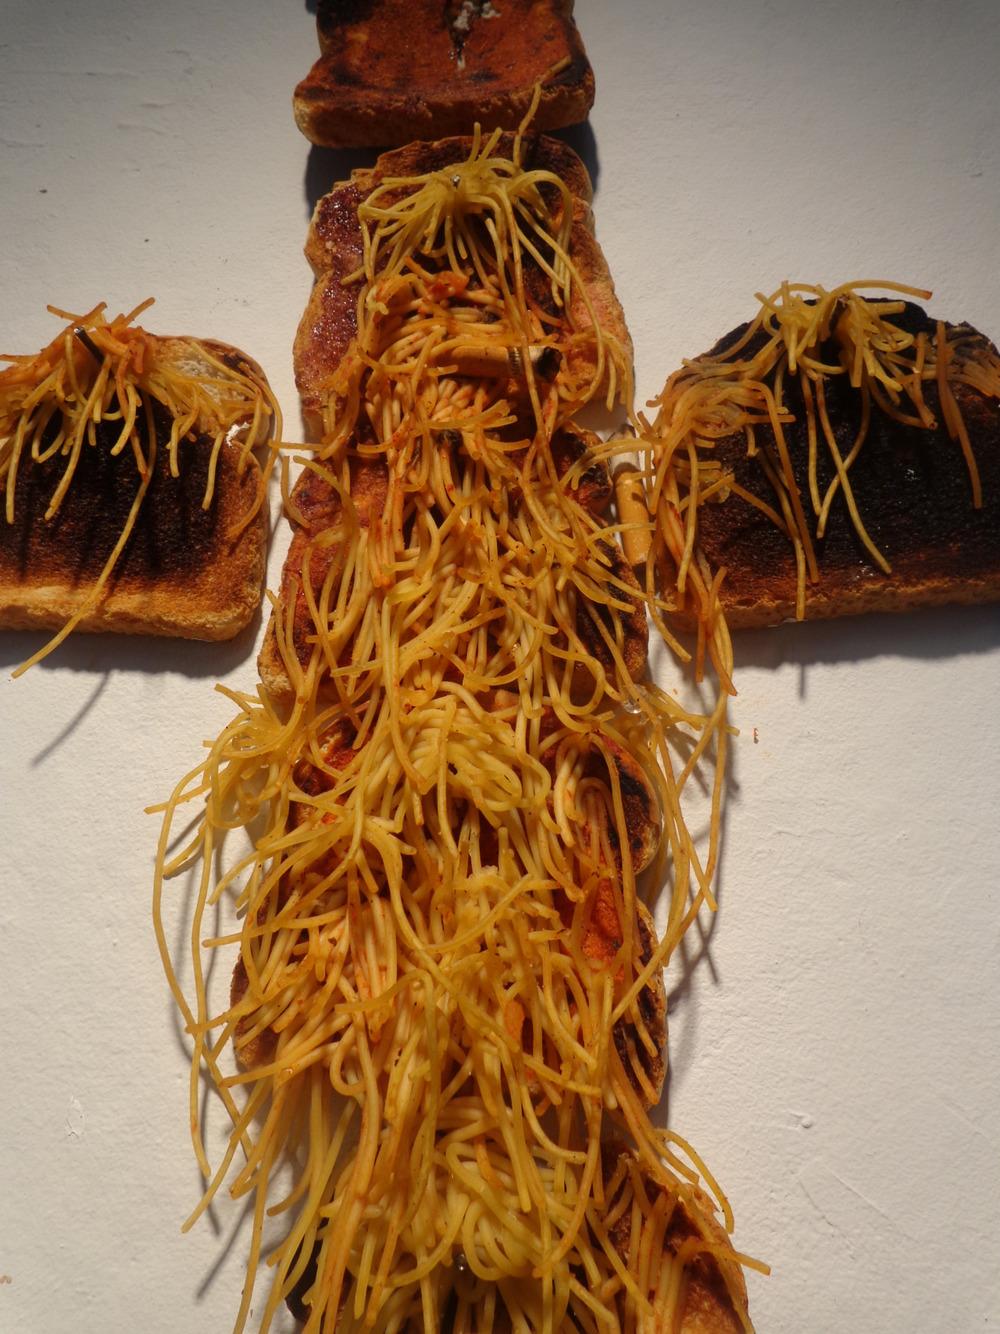 Spaghetti Jesus (detail). Spaghetti, Bread, Tomato Sauce, Wine, A Cigarette. 2013.